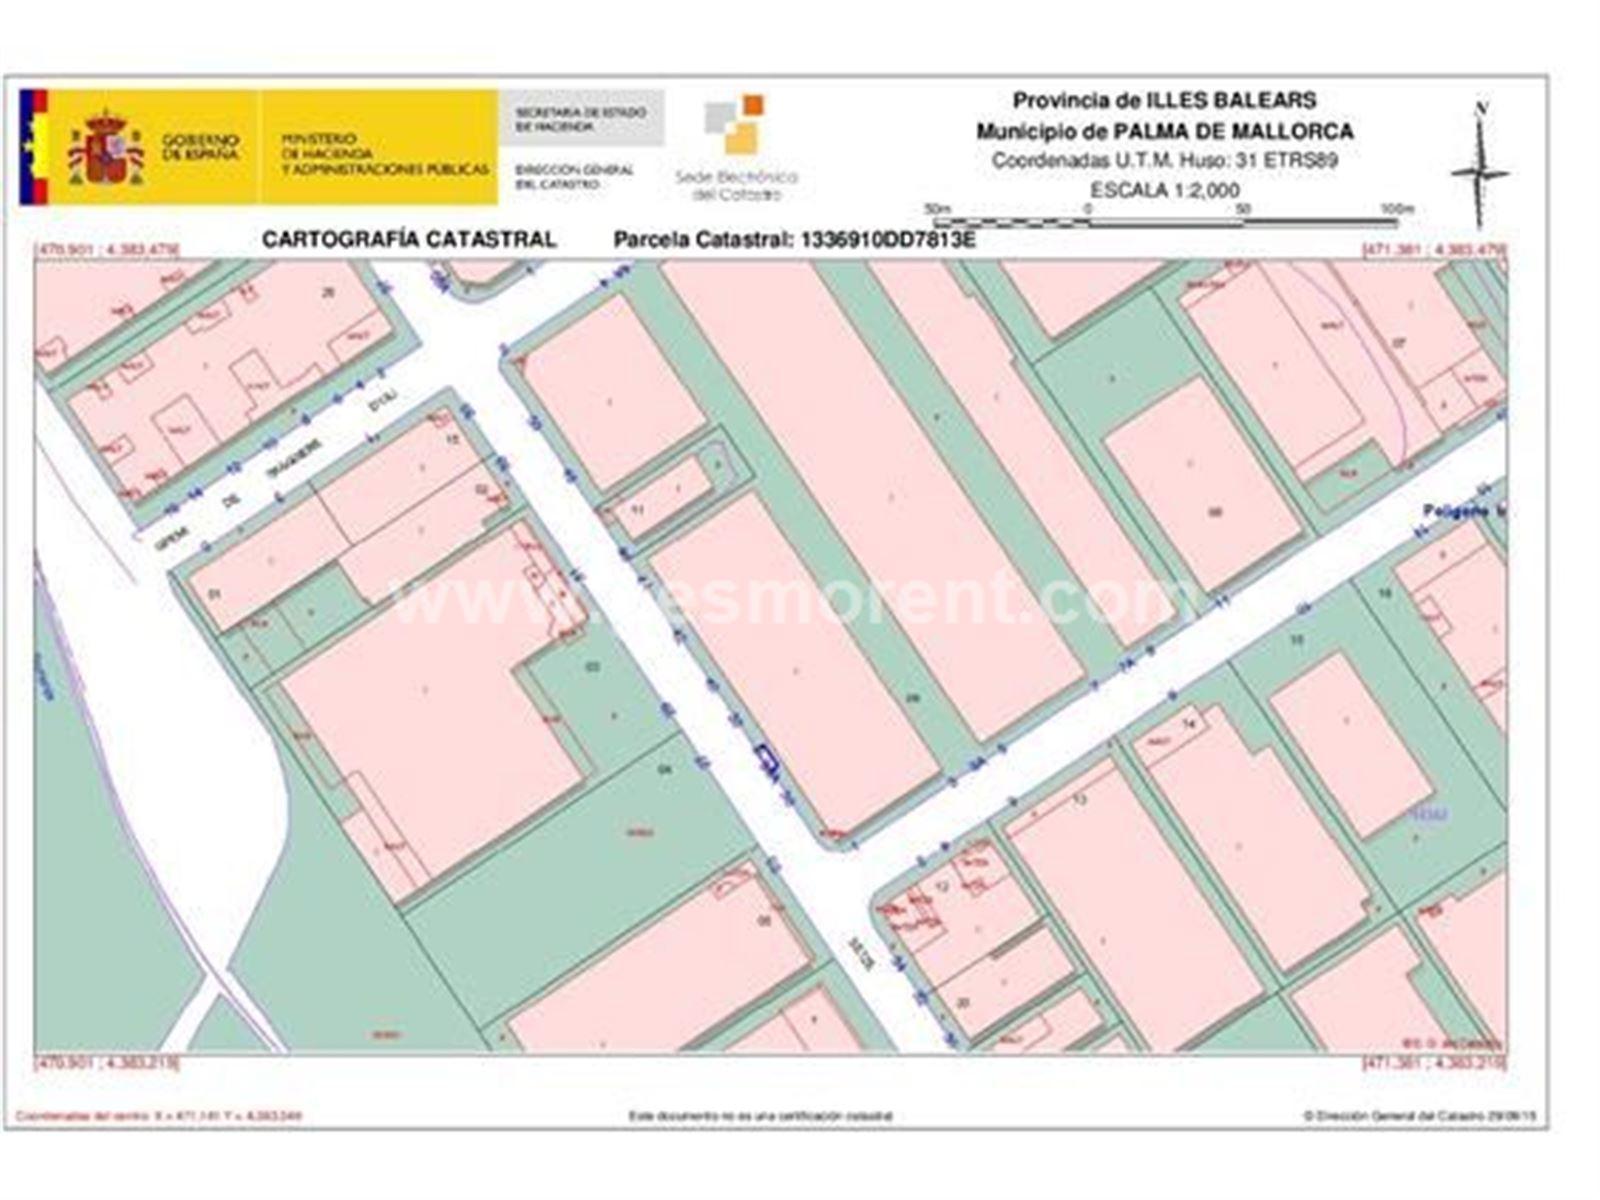 Alquiler Nave industrial  Palma de mallorca - polígono son castello. Nave industrial en poligono son castello.